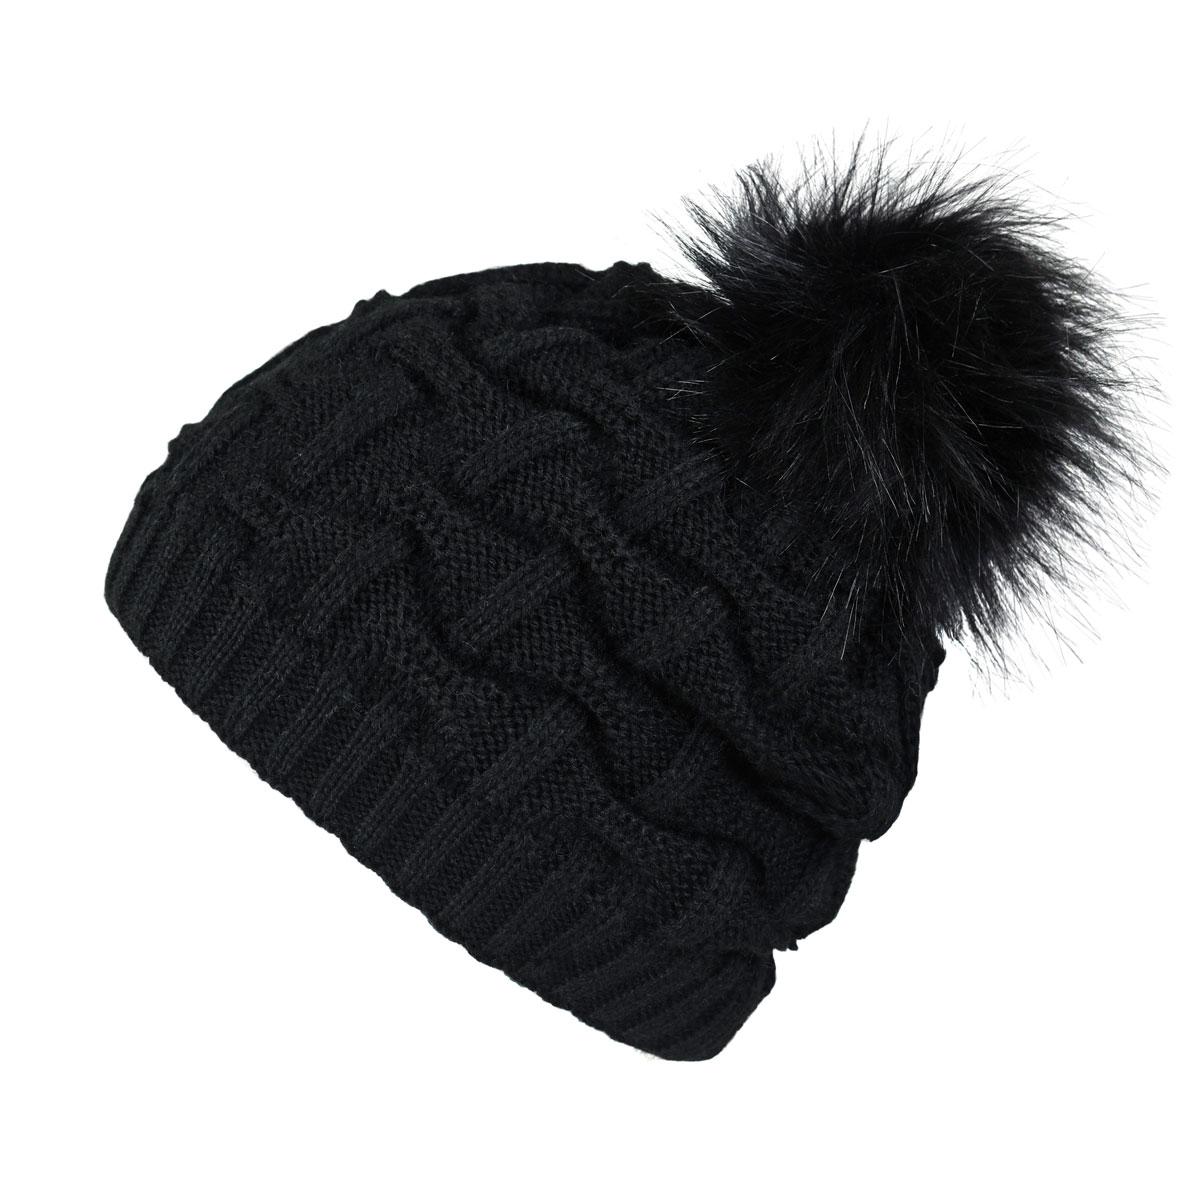 _Bonnet-femme-hiver-noir